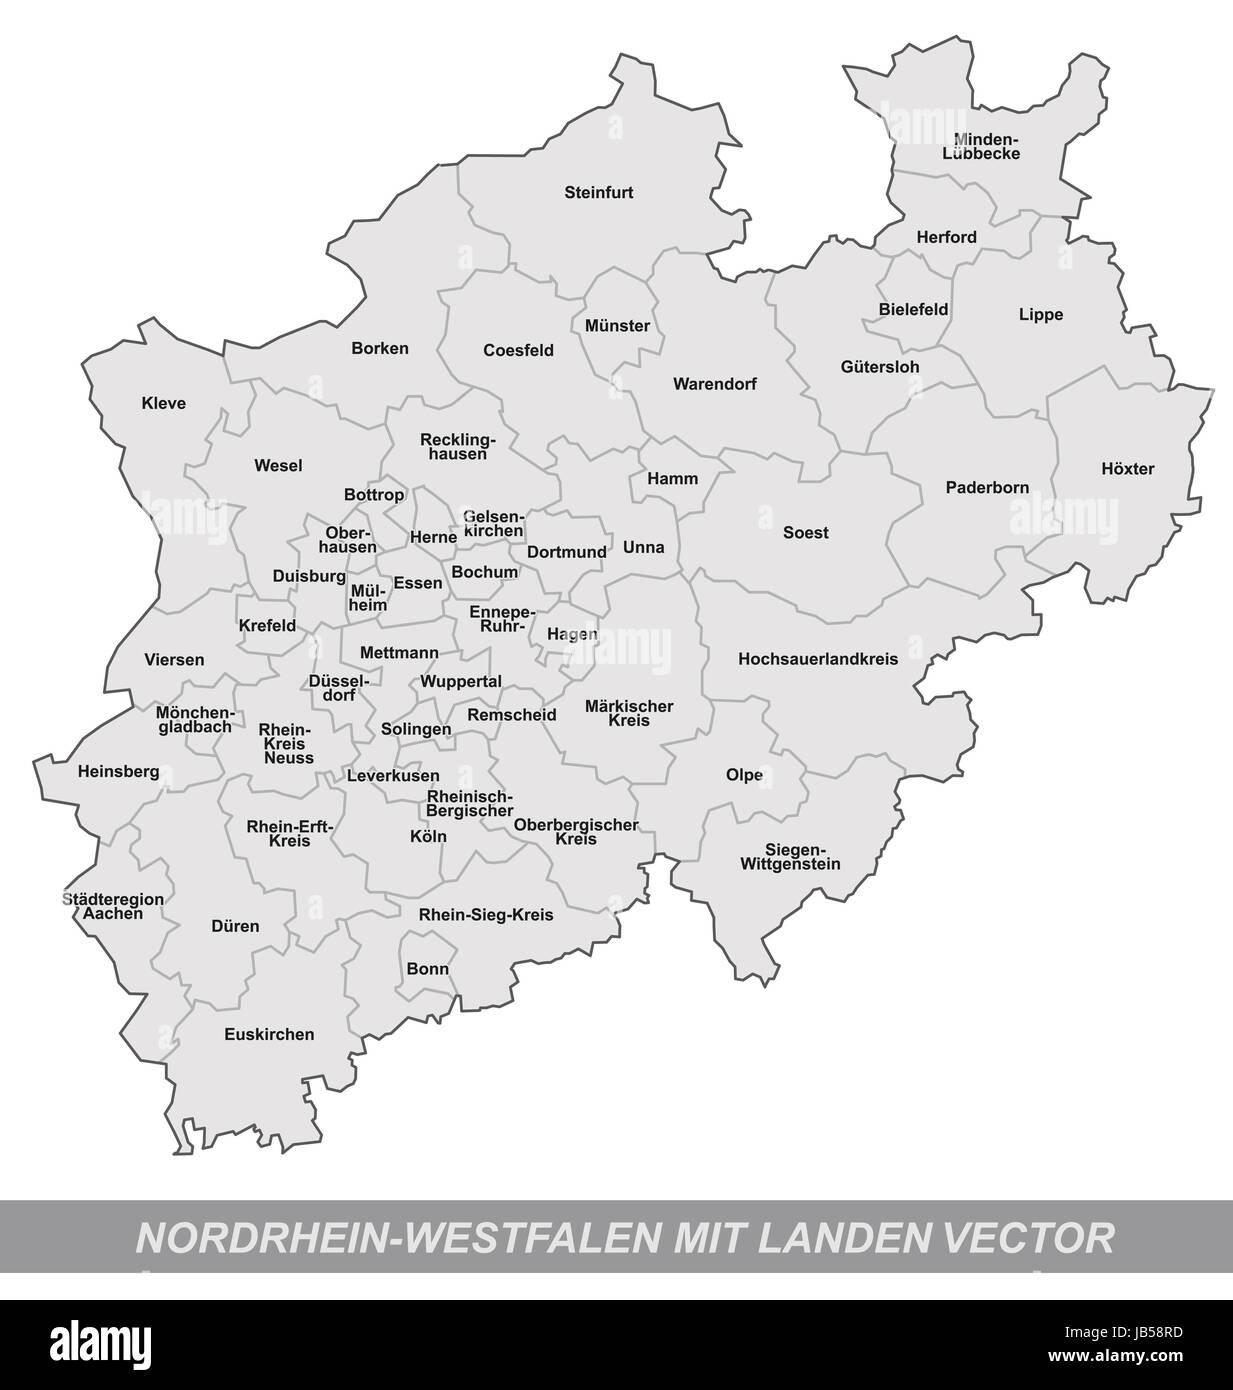 Nordrhein Westfalen Karte.Dans Inselkarte Nordrhein Westfalen Deutschland Als Mit